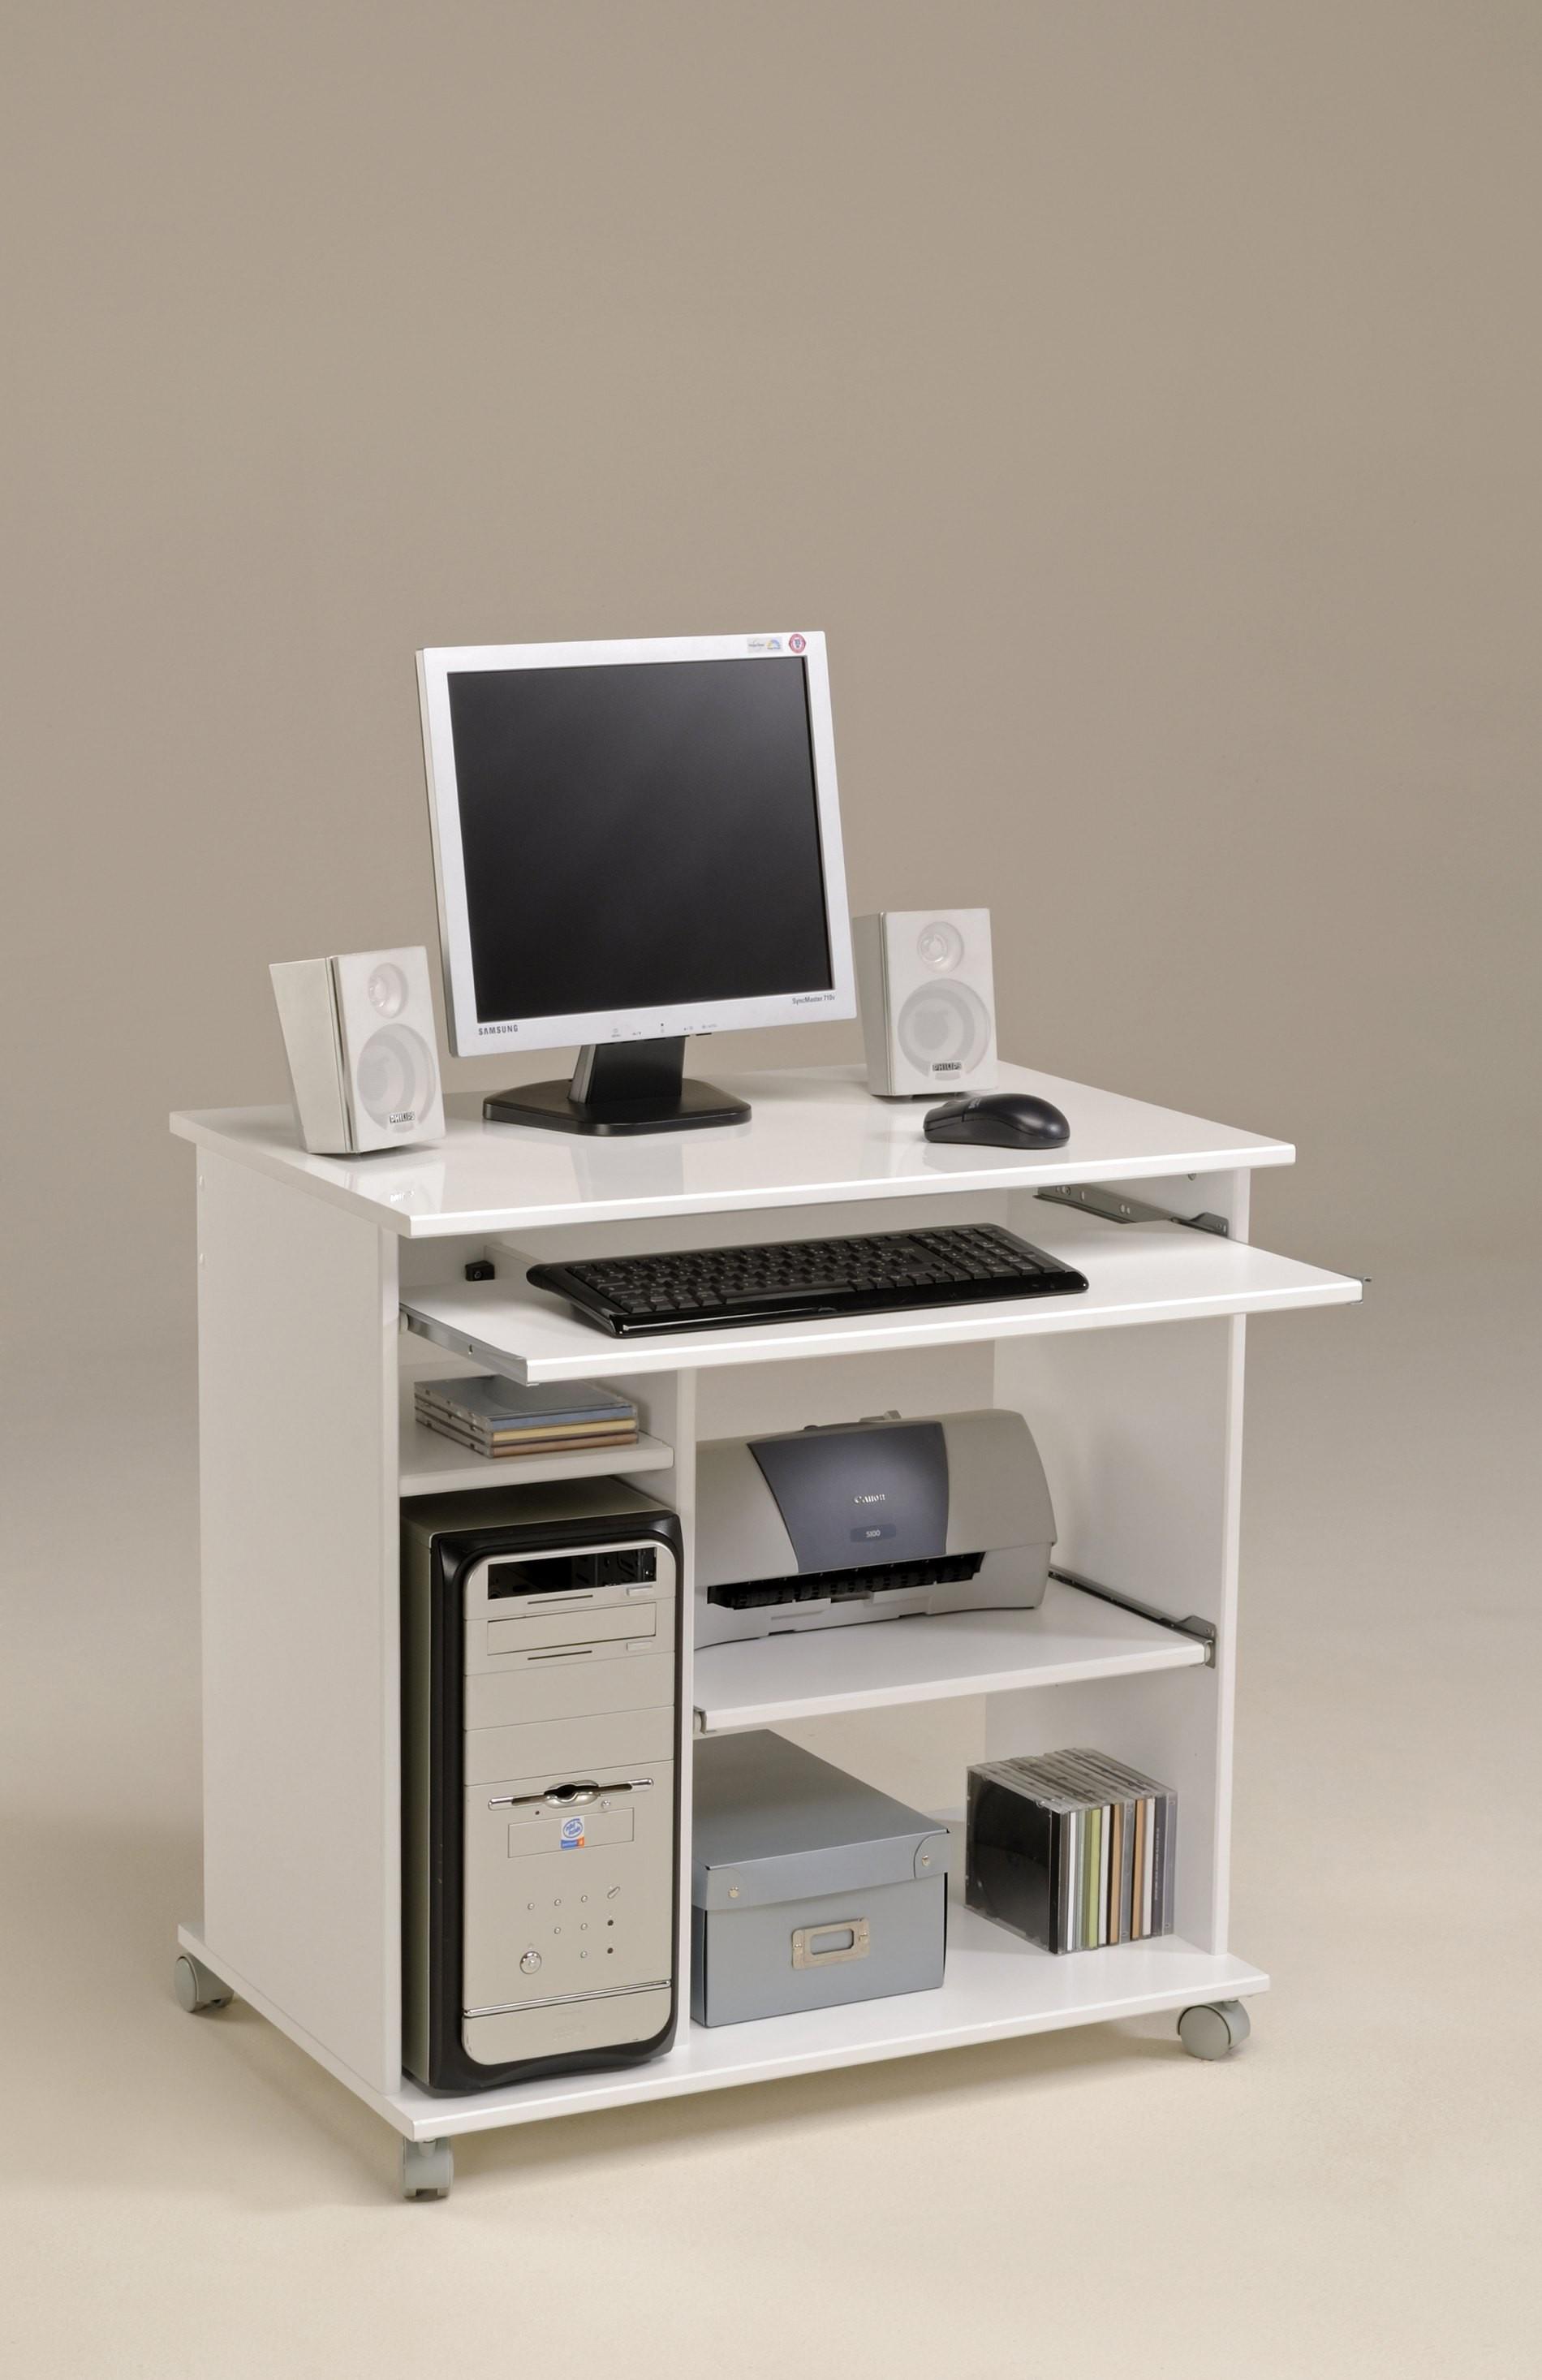 meuble d'ordinateur pas cher